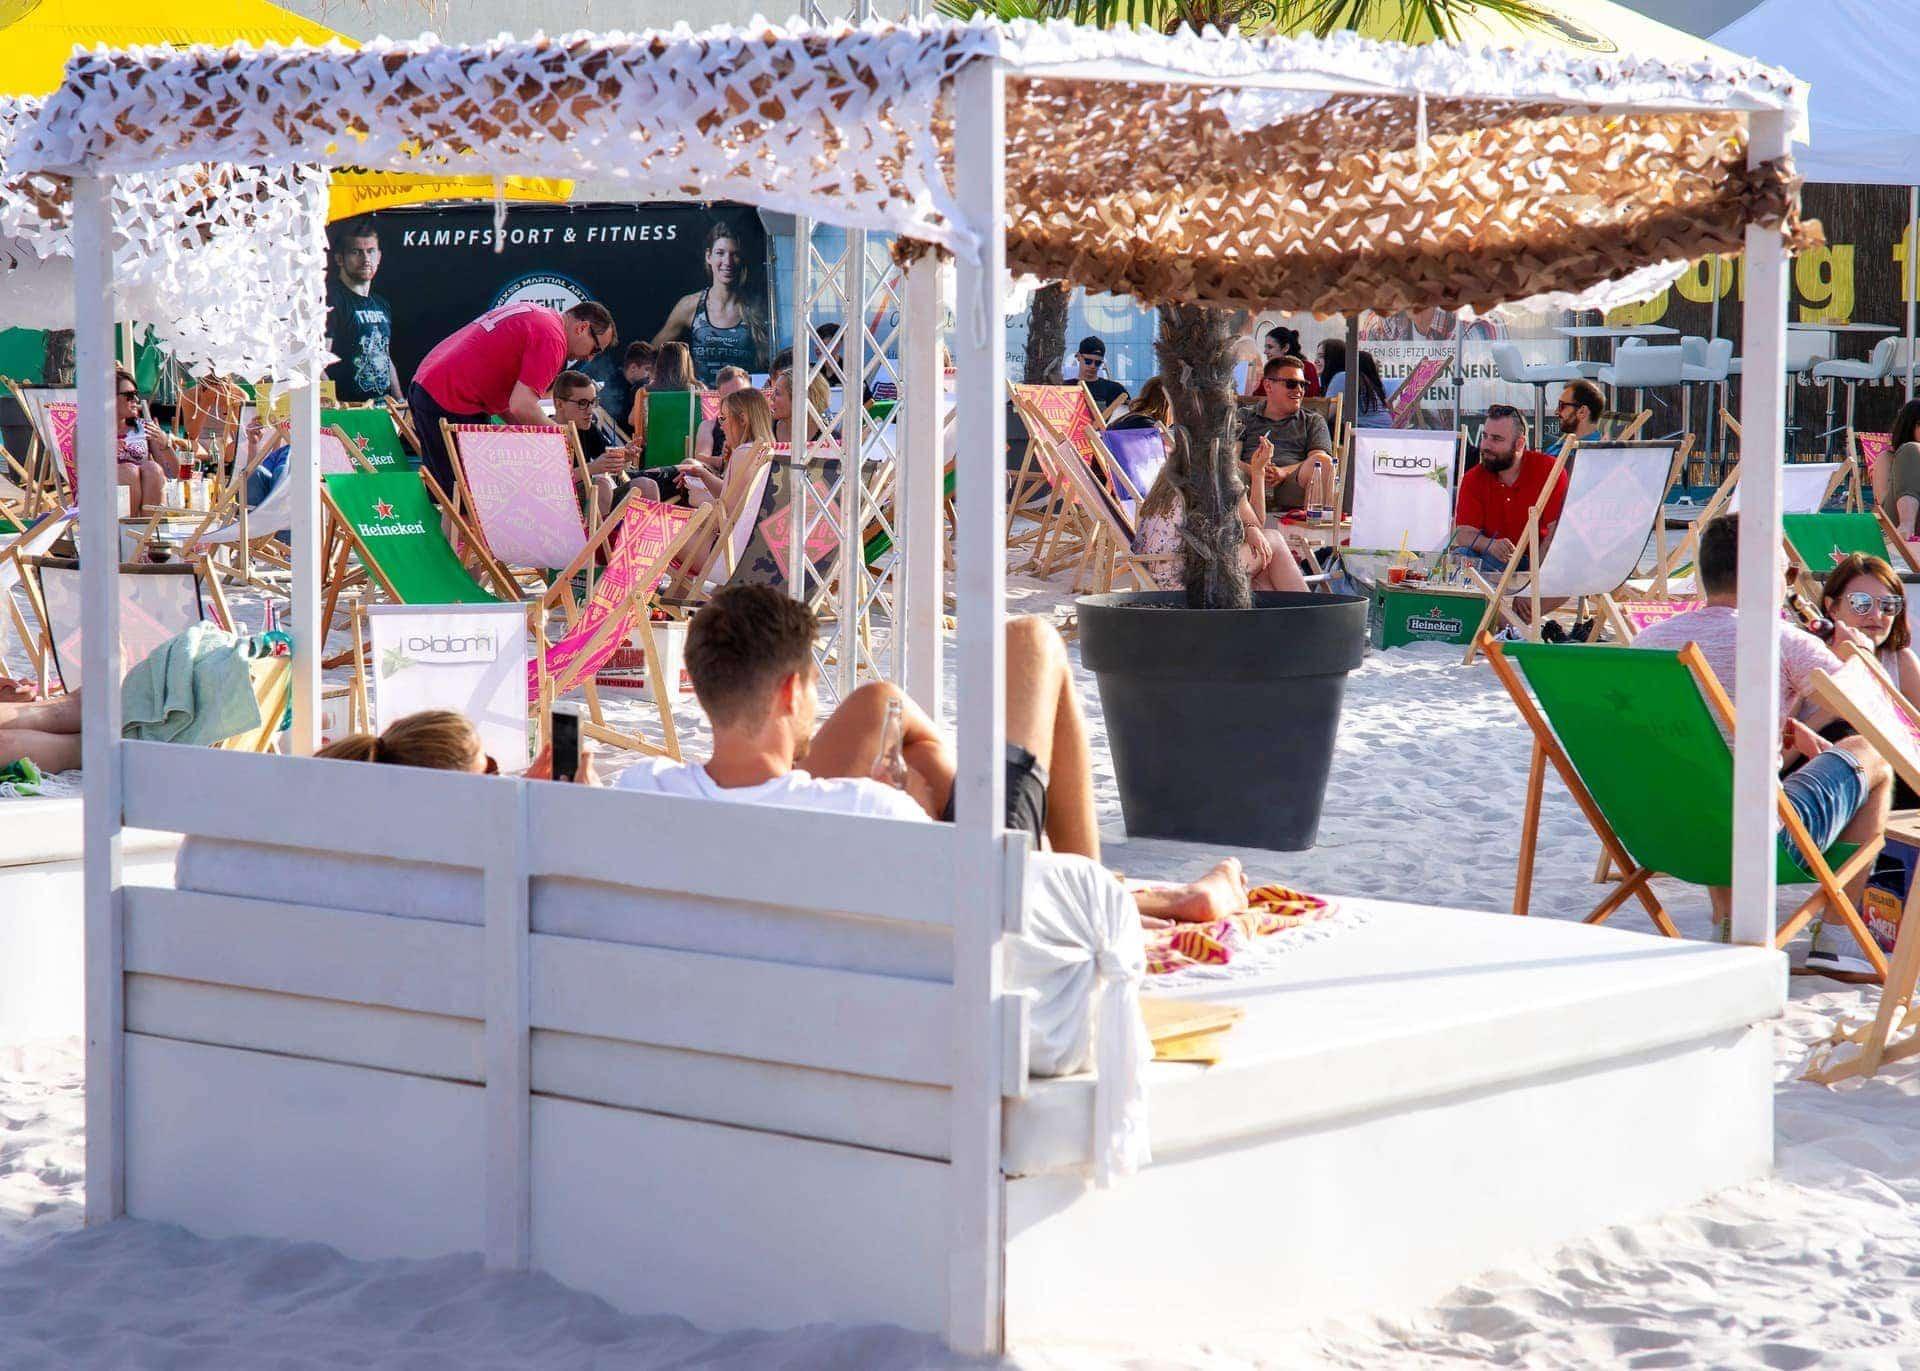 Regensburg Arcaden: Halbzeit auf Parkdeck 3 Arcaden Beach übertrifft Erwartungen